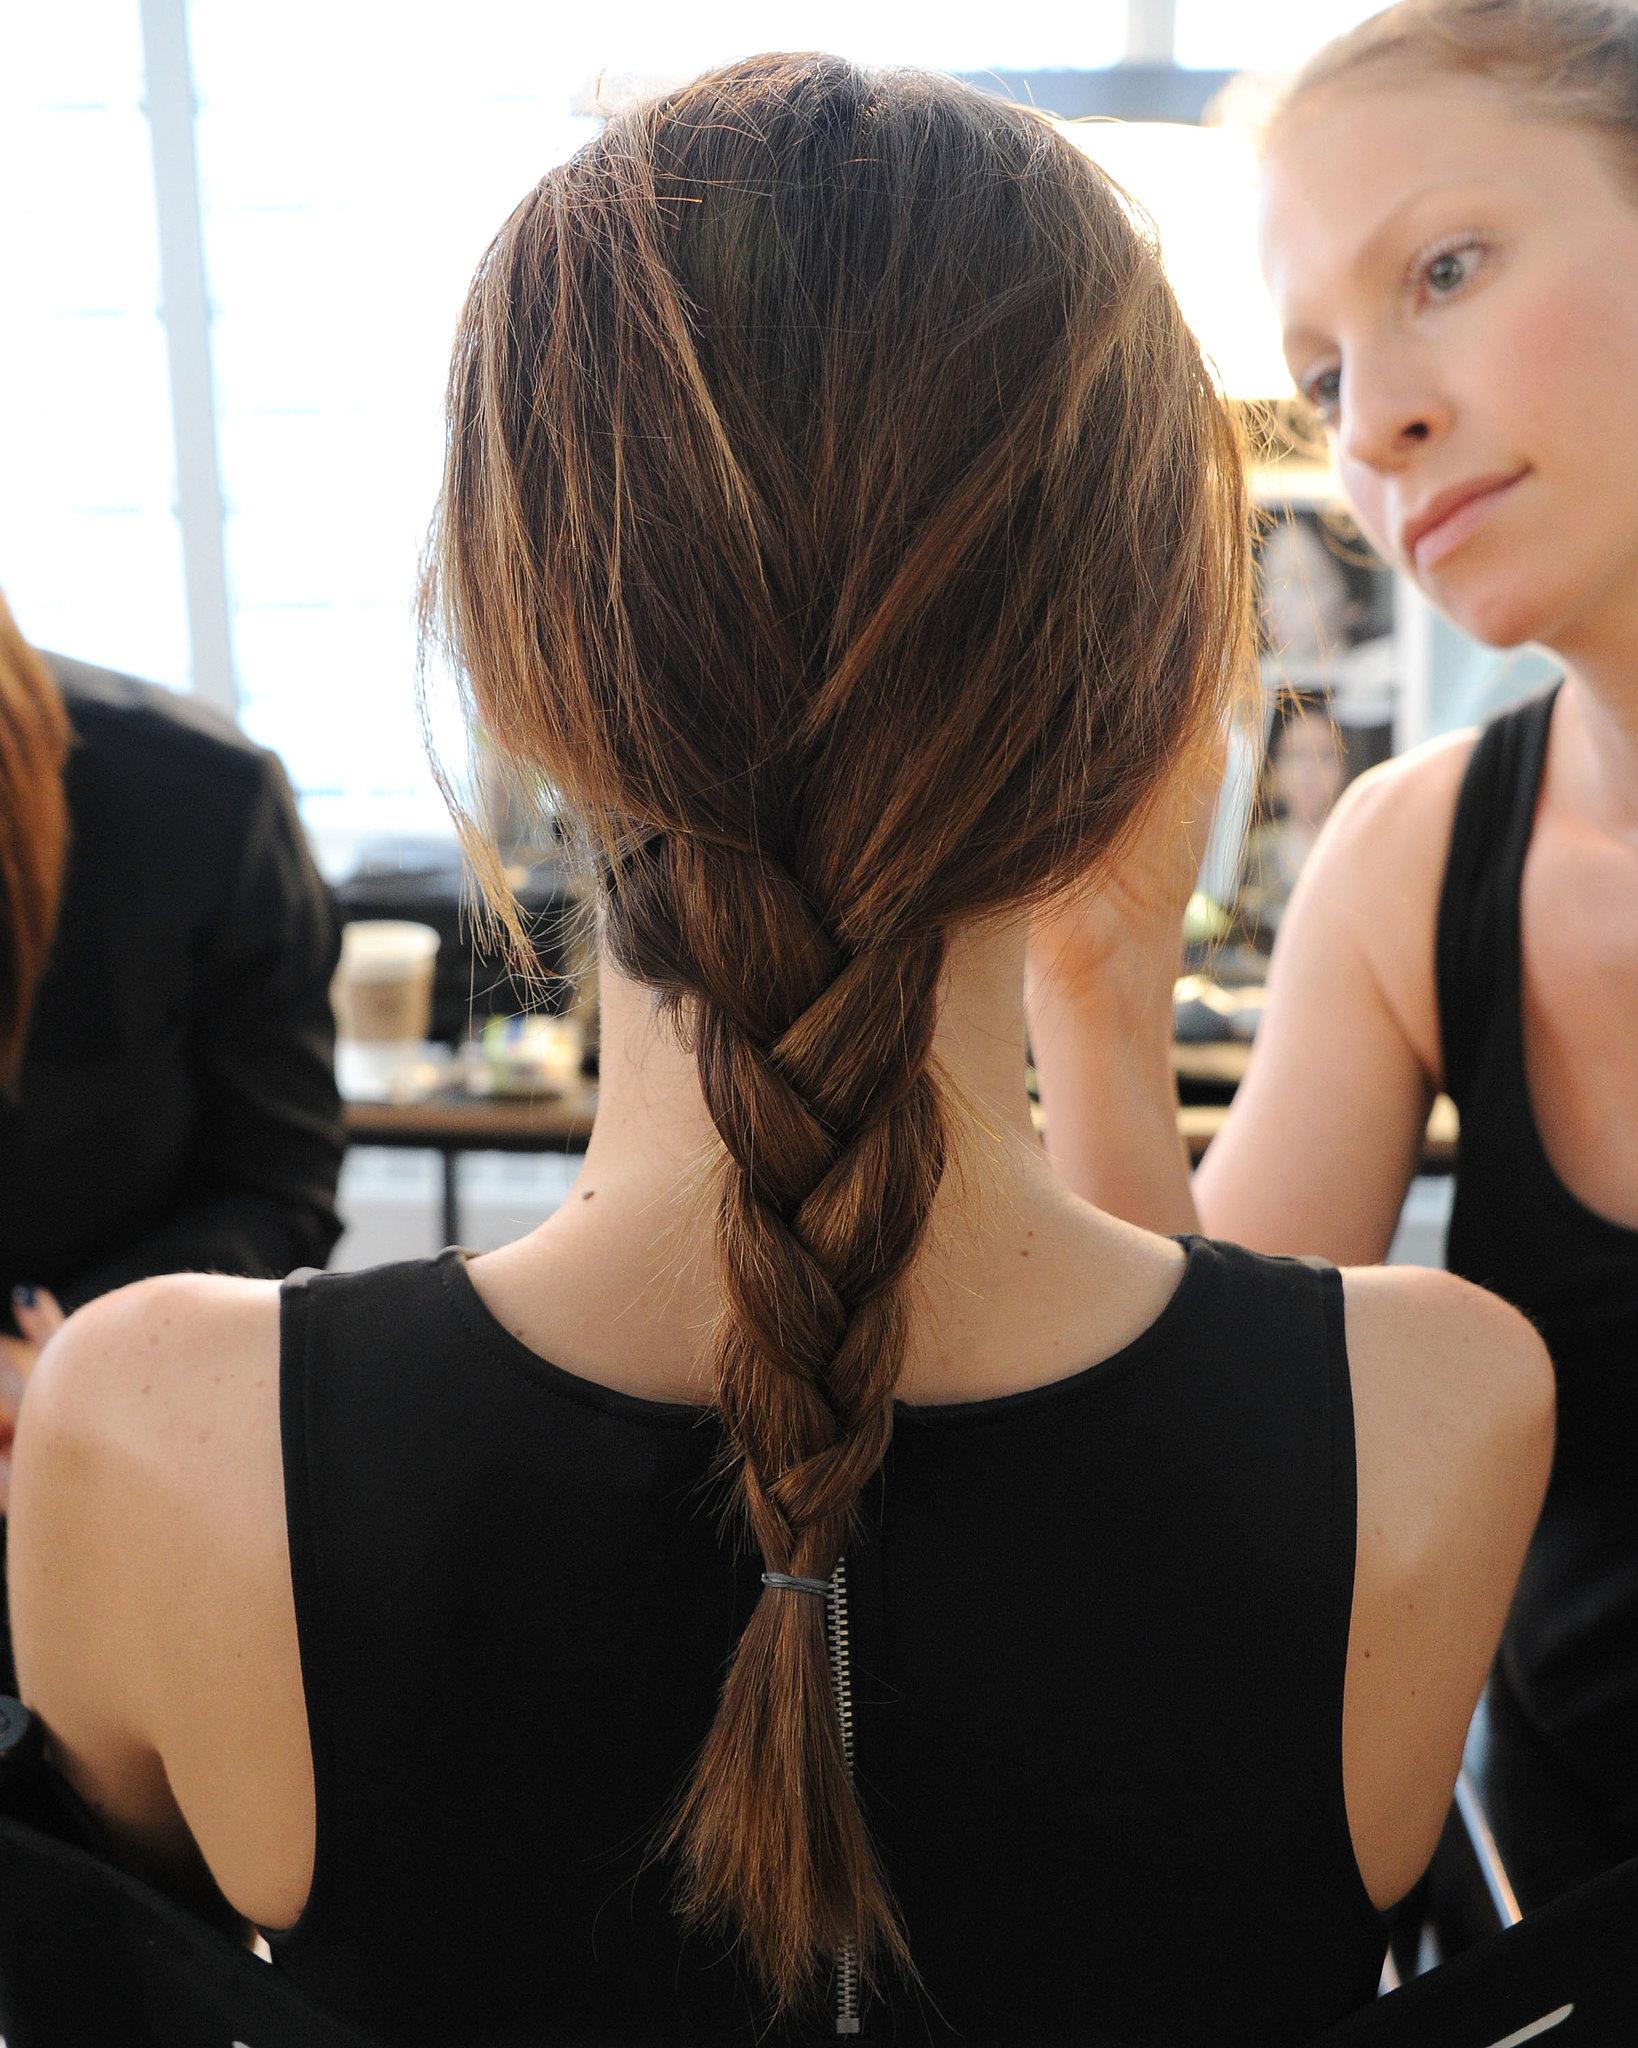 Αποτέλεσμα εικόνας για simple braid